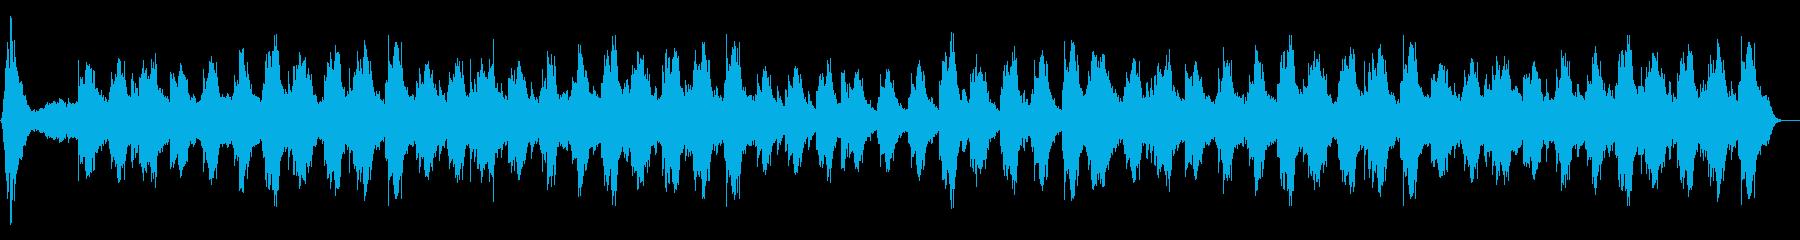 【ゲーム向け】幻想的ストリングスとピアノの再生済みの波形